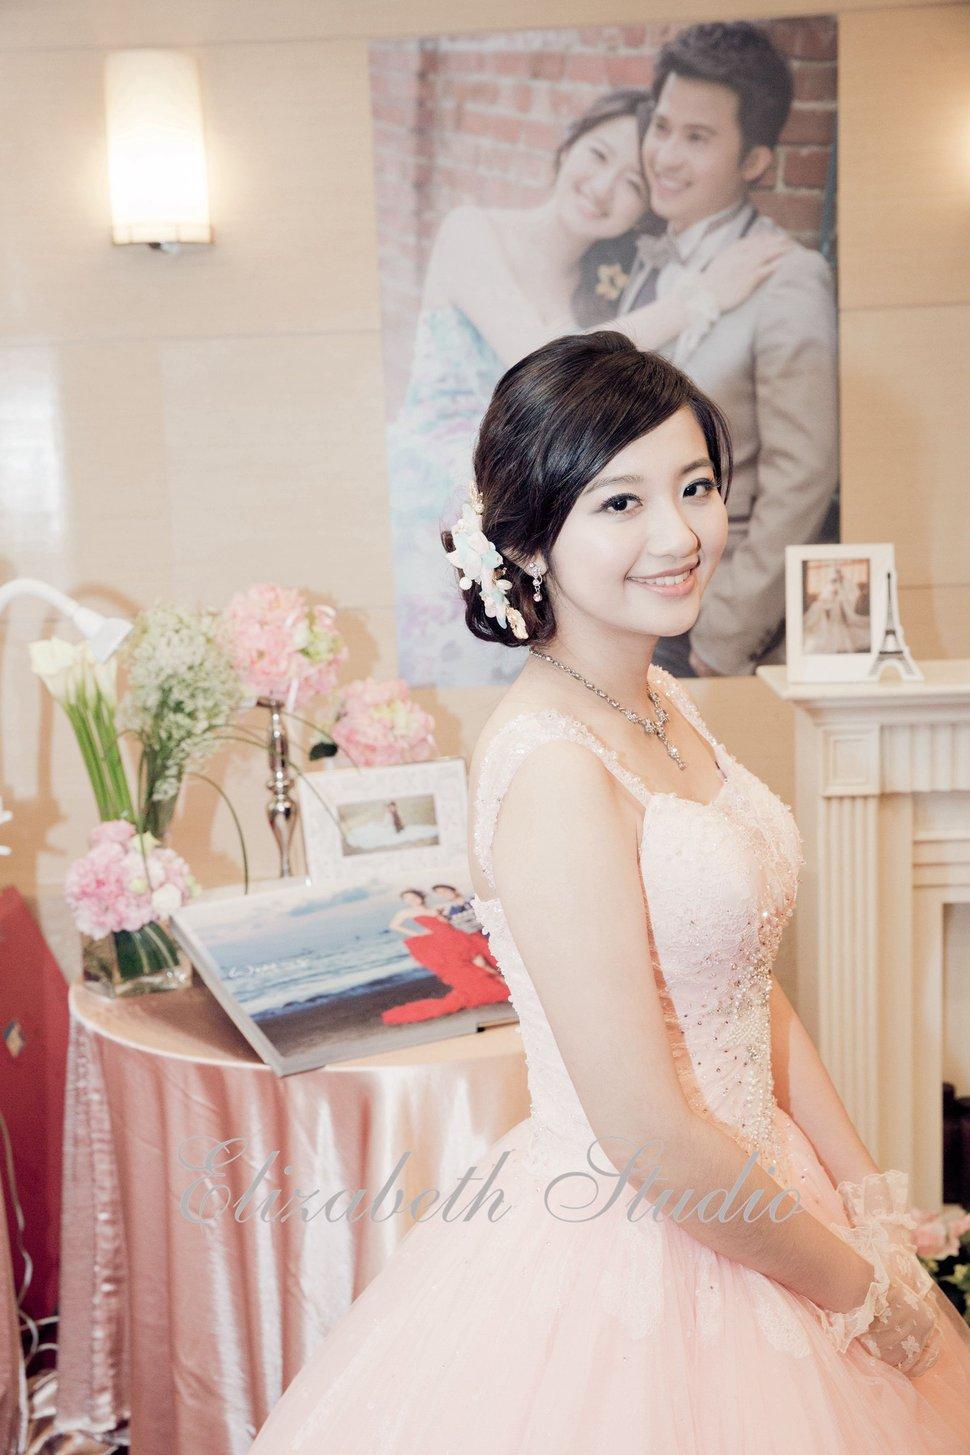 南臺灣新娘秘書韓式(噴槍)新秘團隊(編號:194379) - 若言新娘秘書韓式妝髮 - 結婚吧